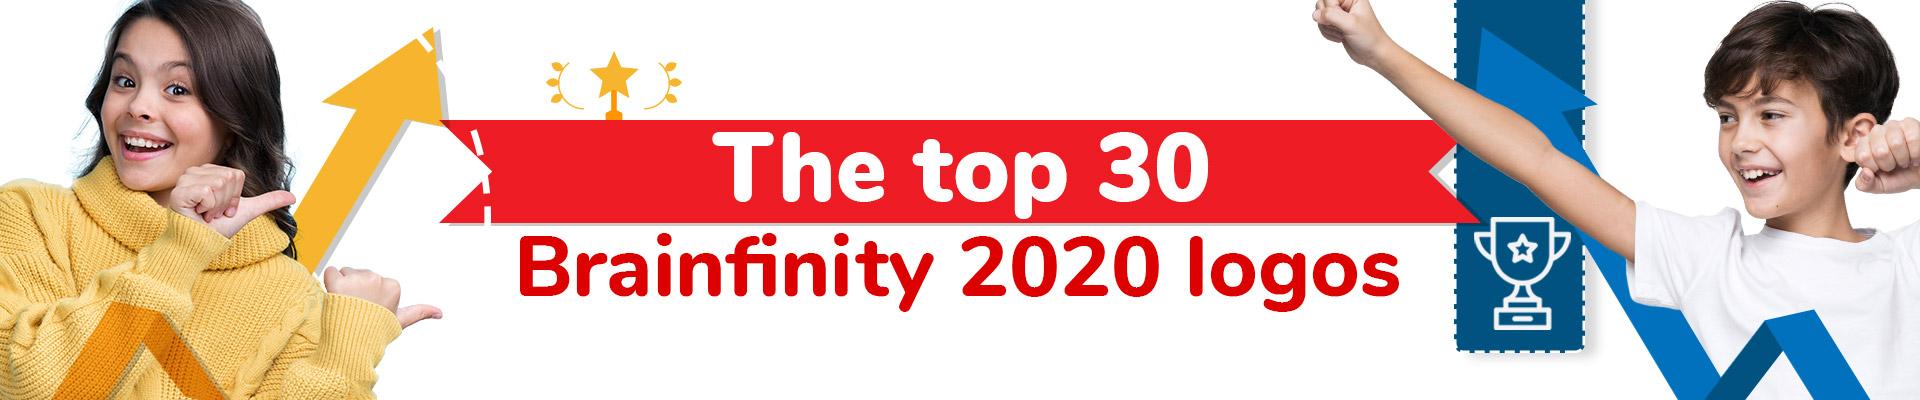 Top 30 logos